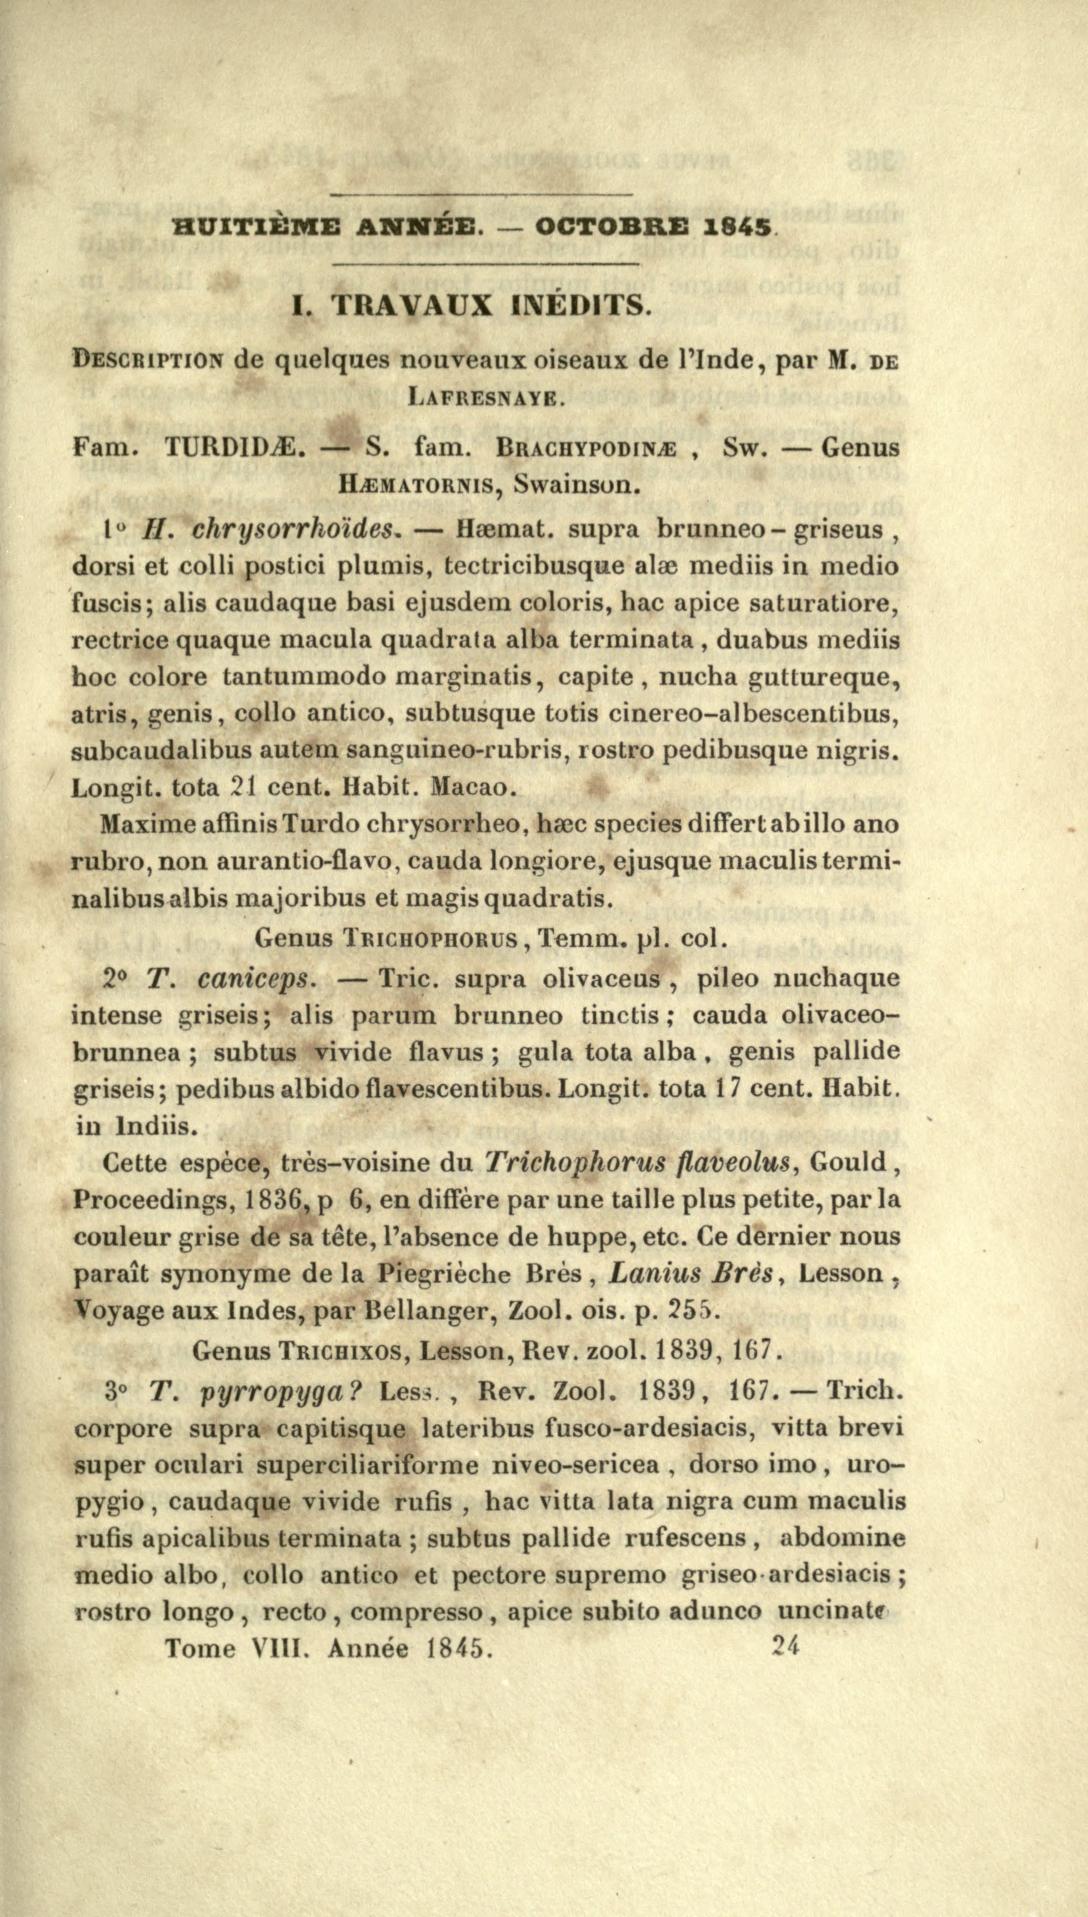 I. Travaux Inedits. Description de Quelques Nouveaux Oiseaux de l'Inde